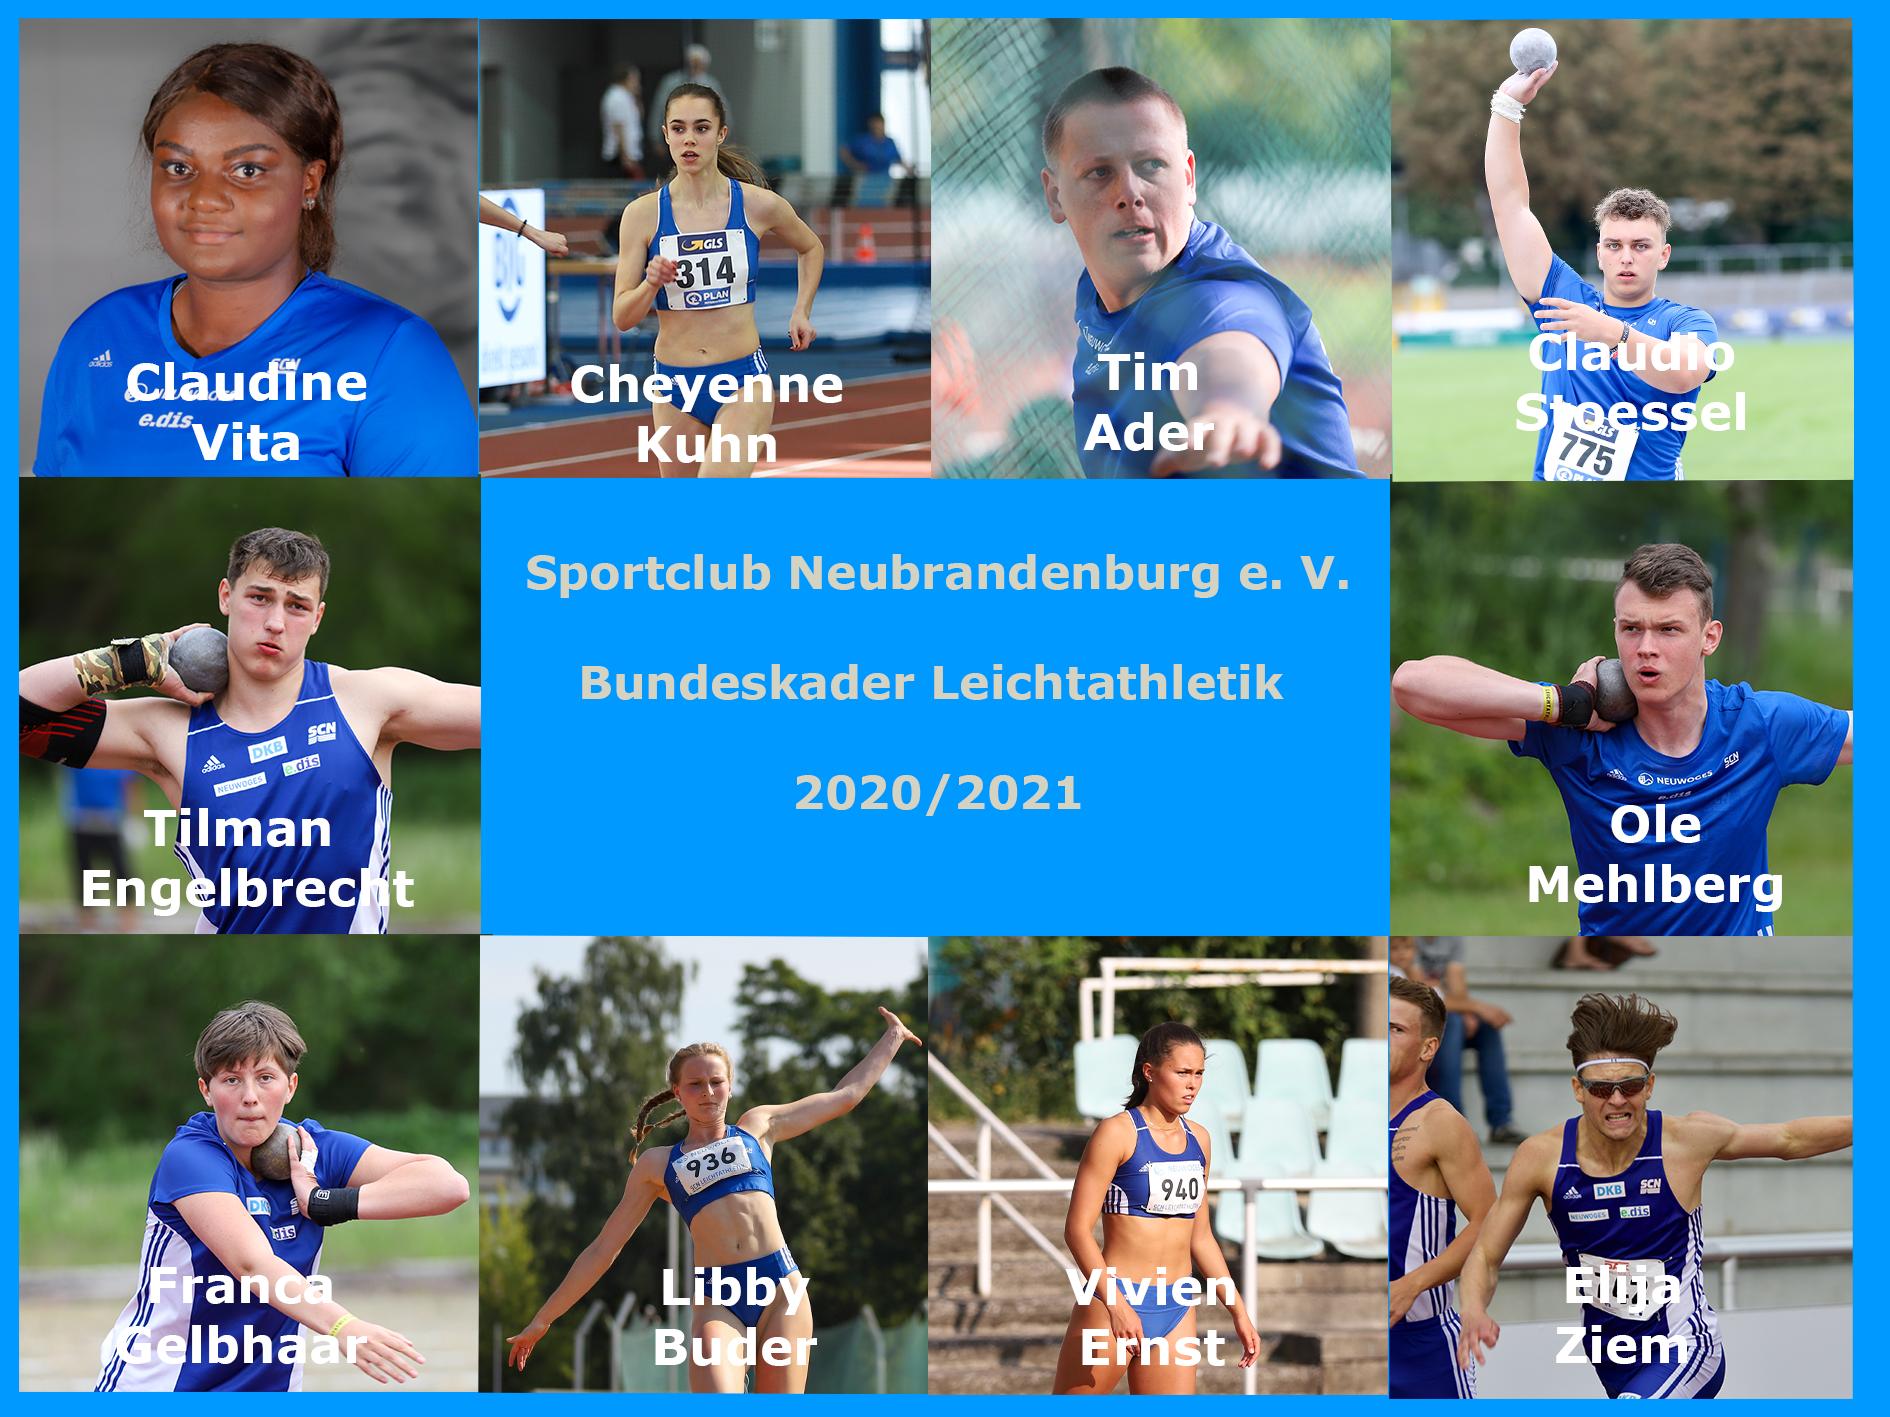 Bundeskader SCN Leichtathletik 2021